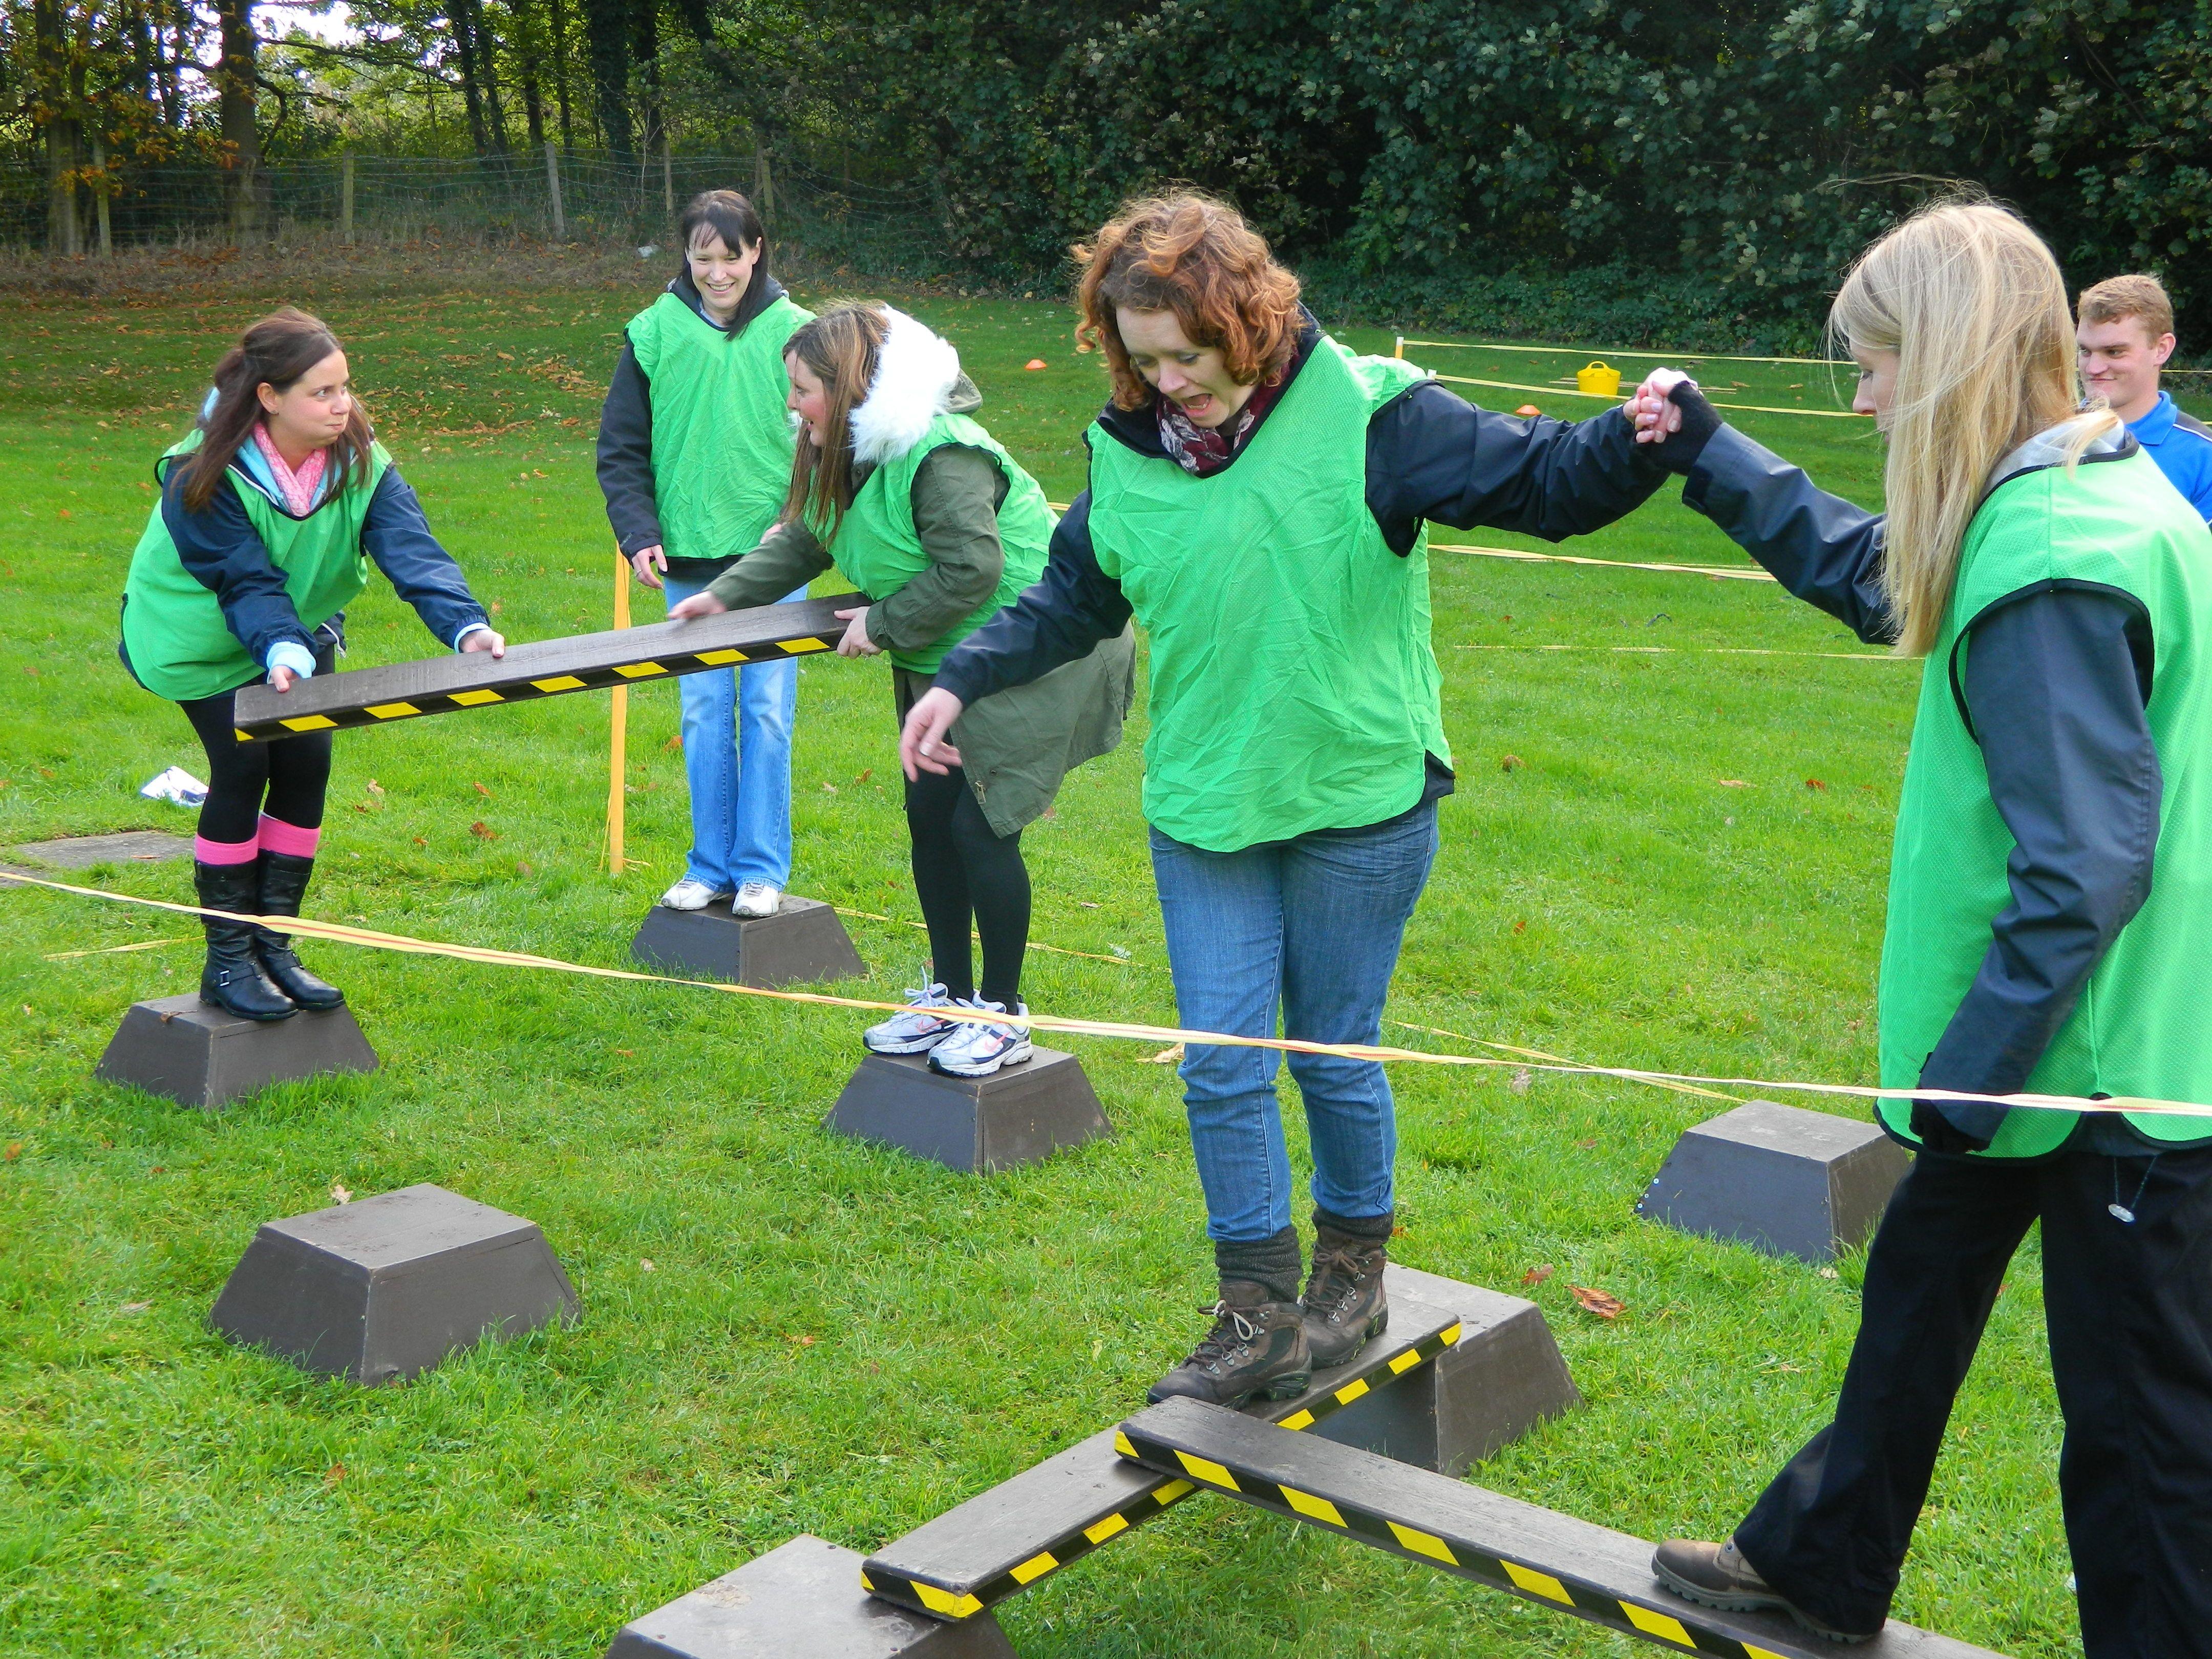 Outdoor Team Building Activities Amp Events